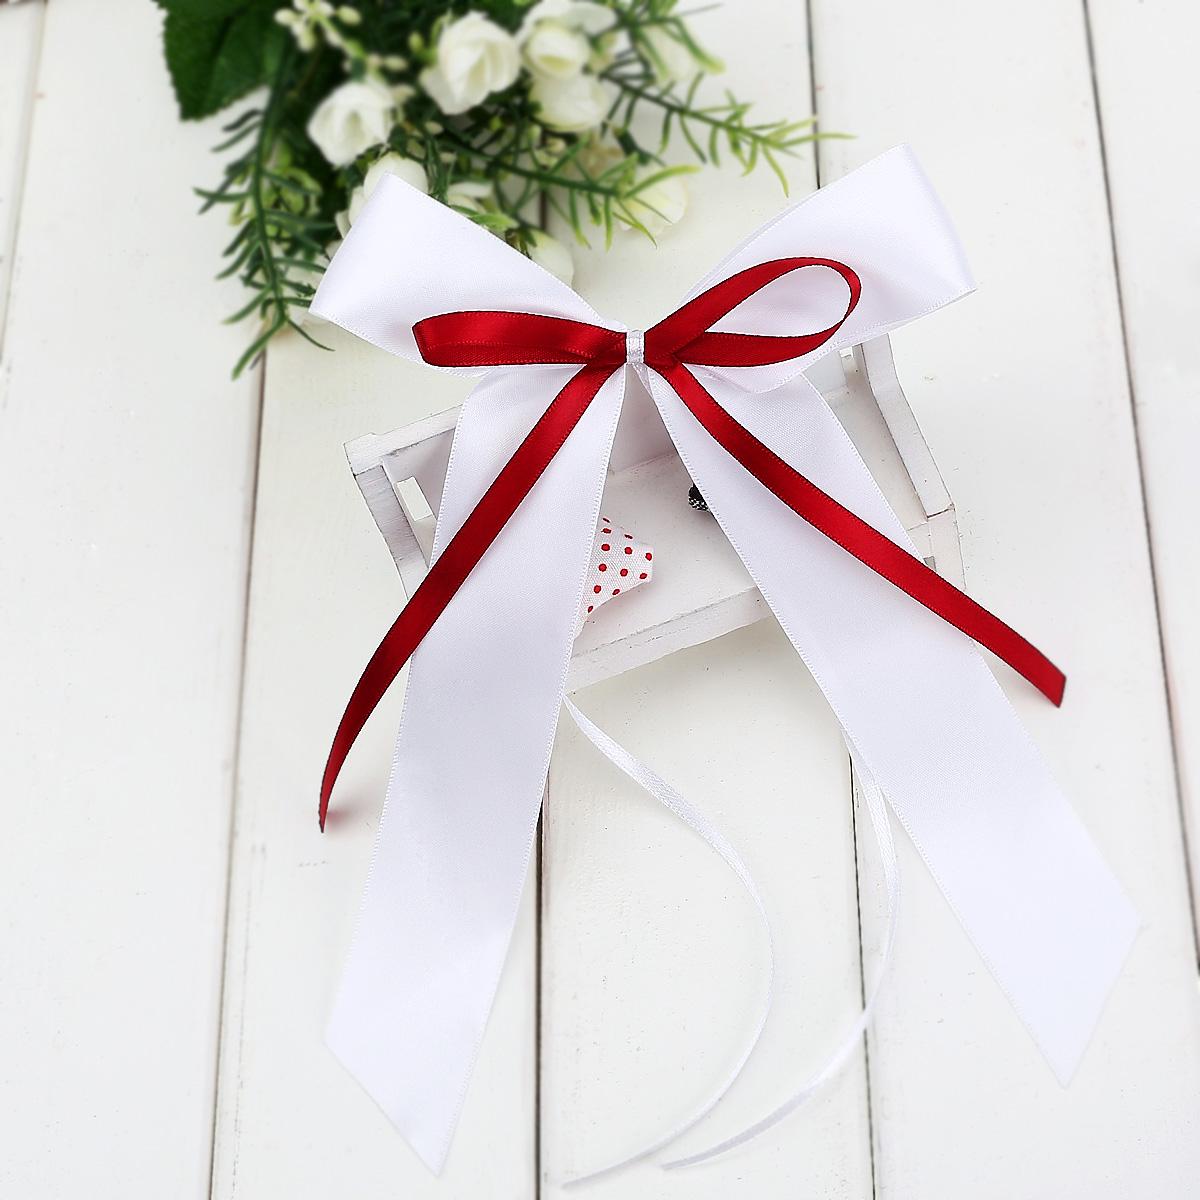 10pcs noeud papillon satin ruban d co voiture salle de mariage rouge vin blanc ebay. Black Bedroom Furniture Sets. Home Design Ideas